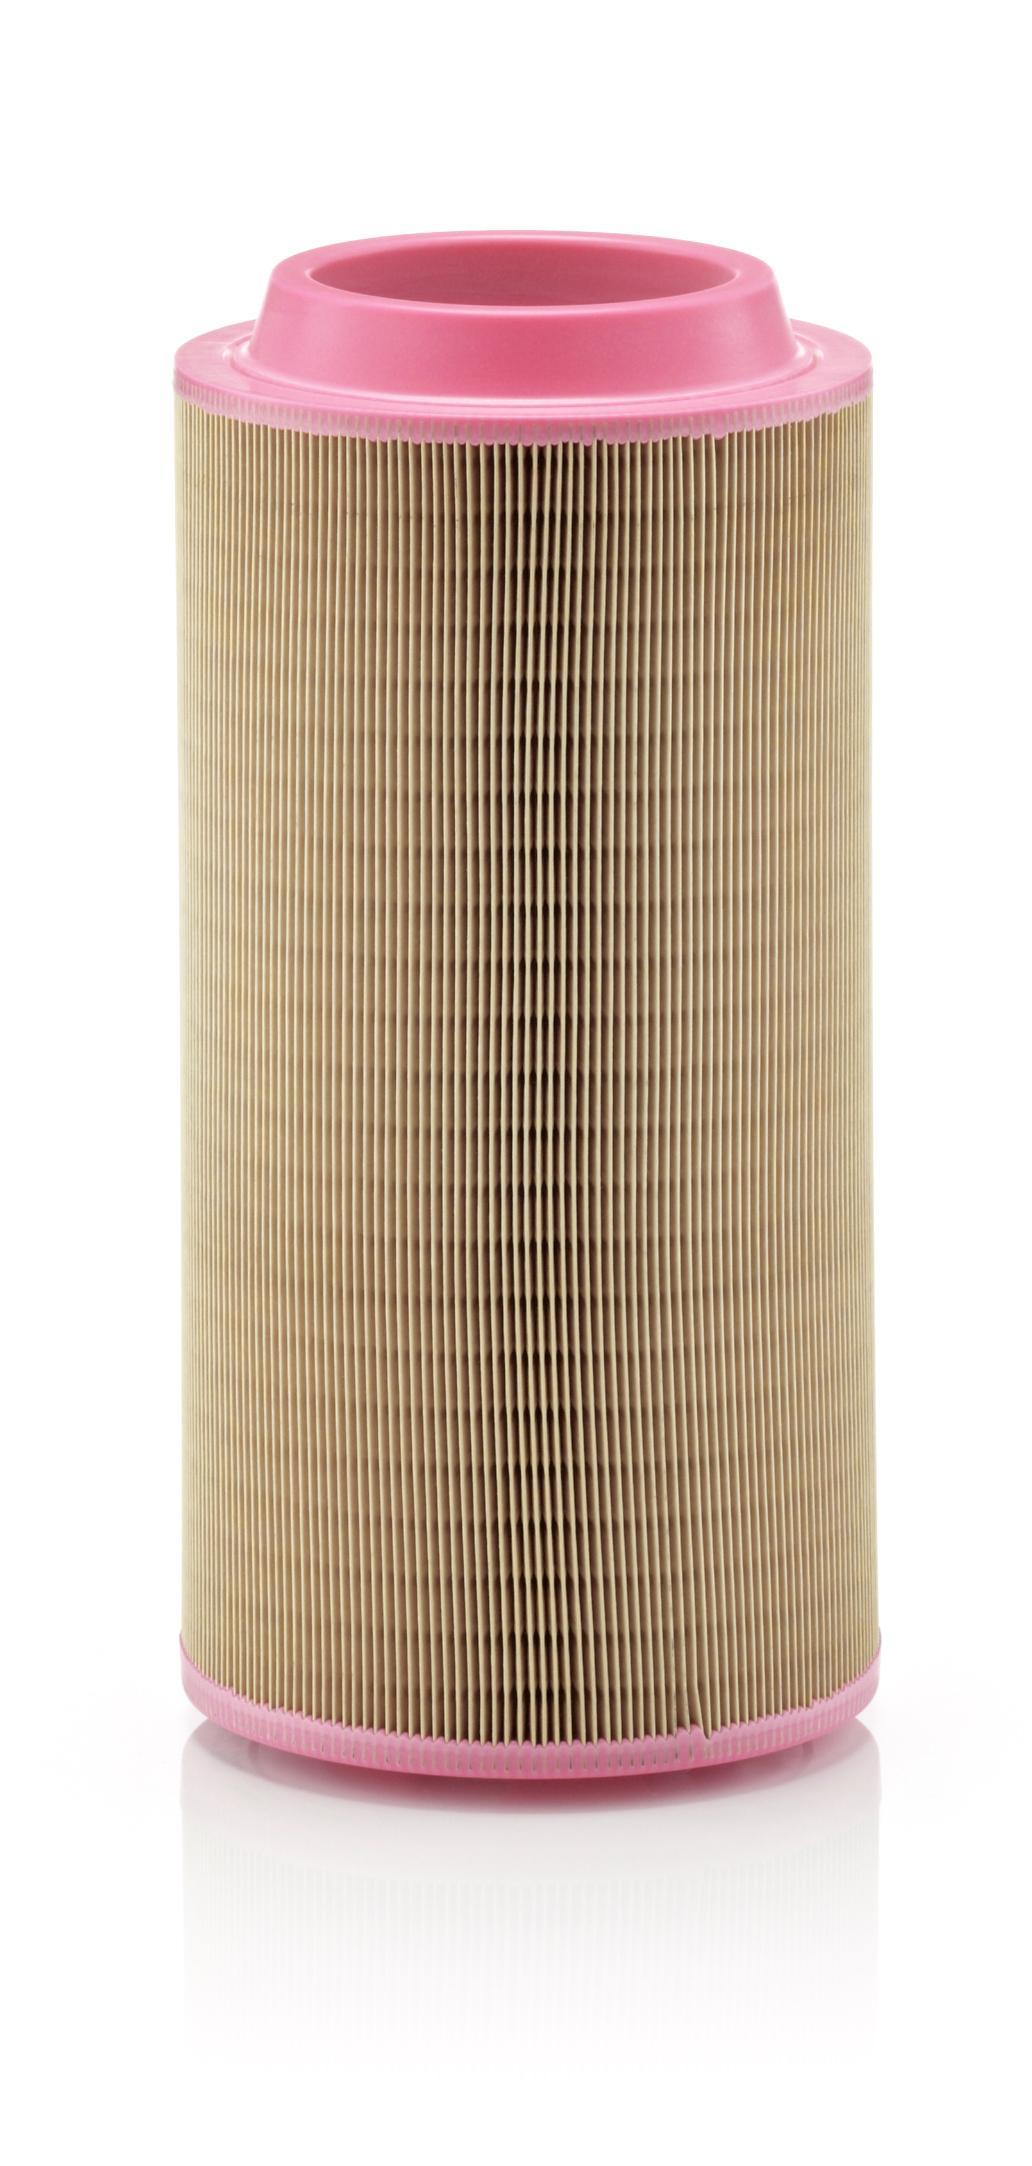 C 20 500 MANN-FILTER Luftfilter für AVIA billiger kaufen